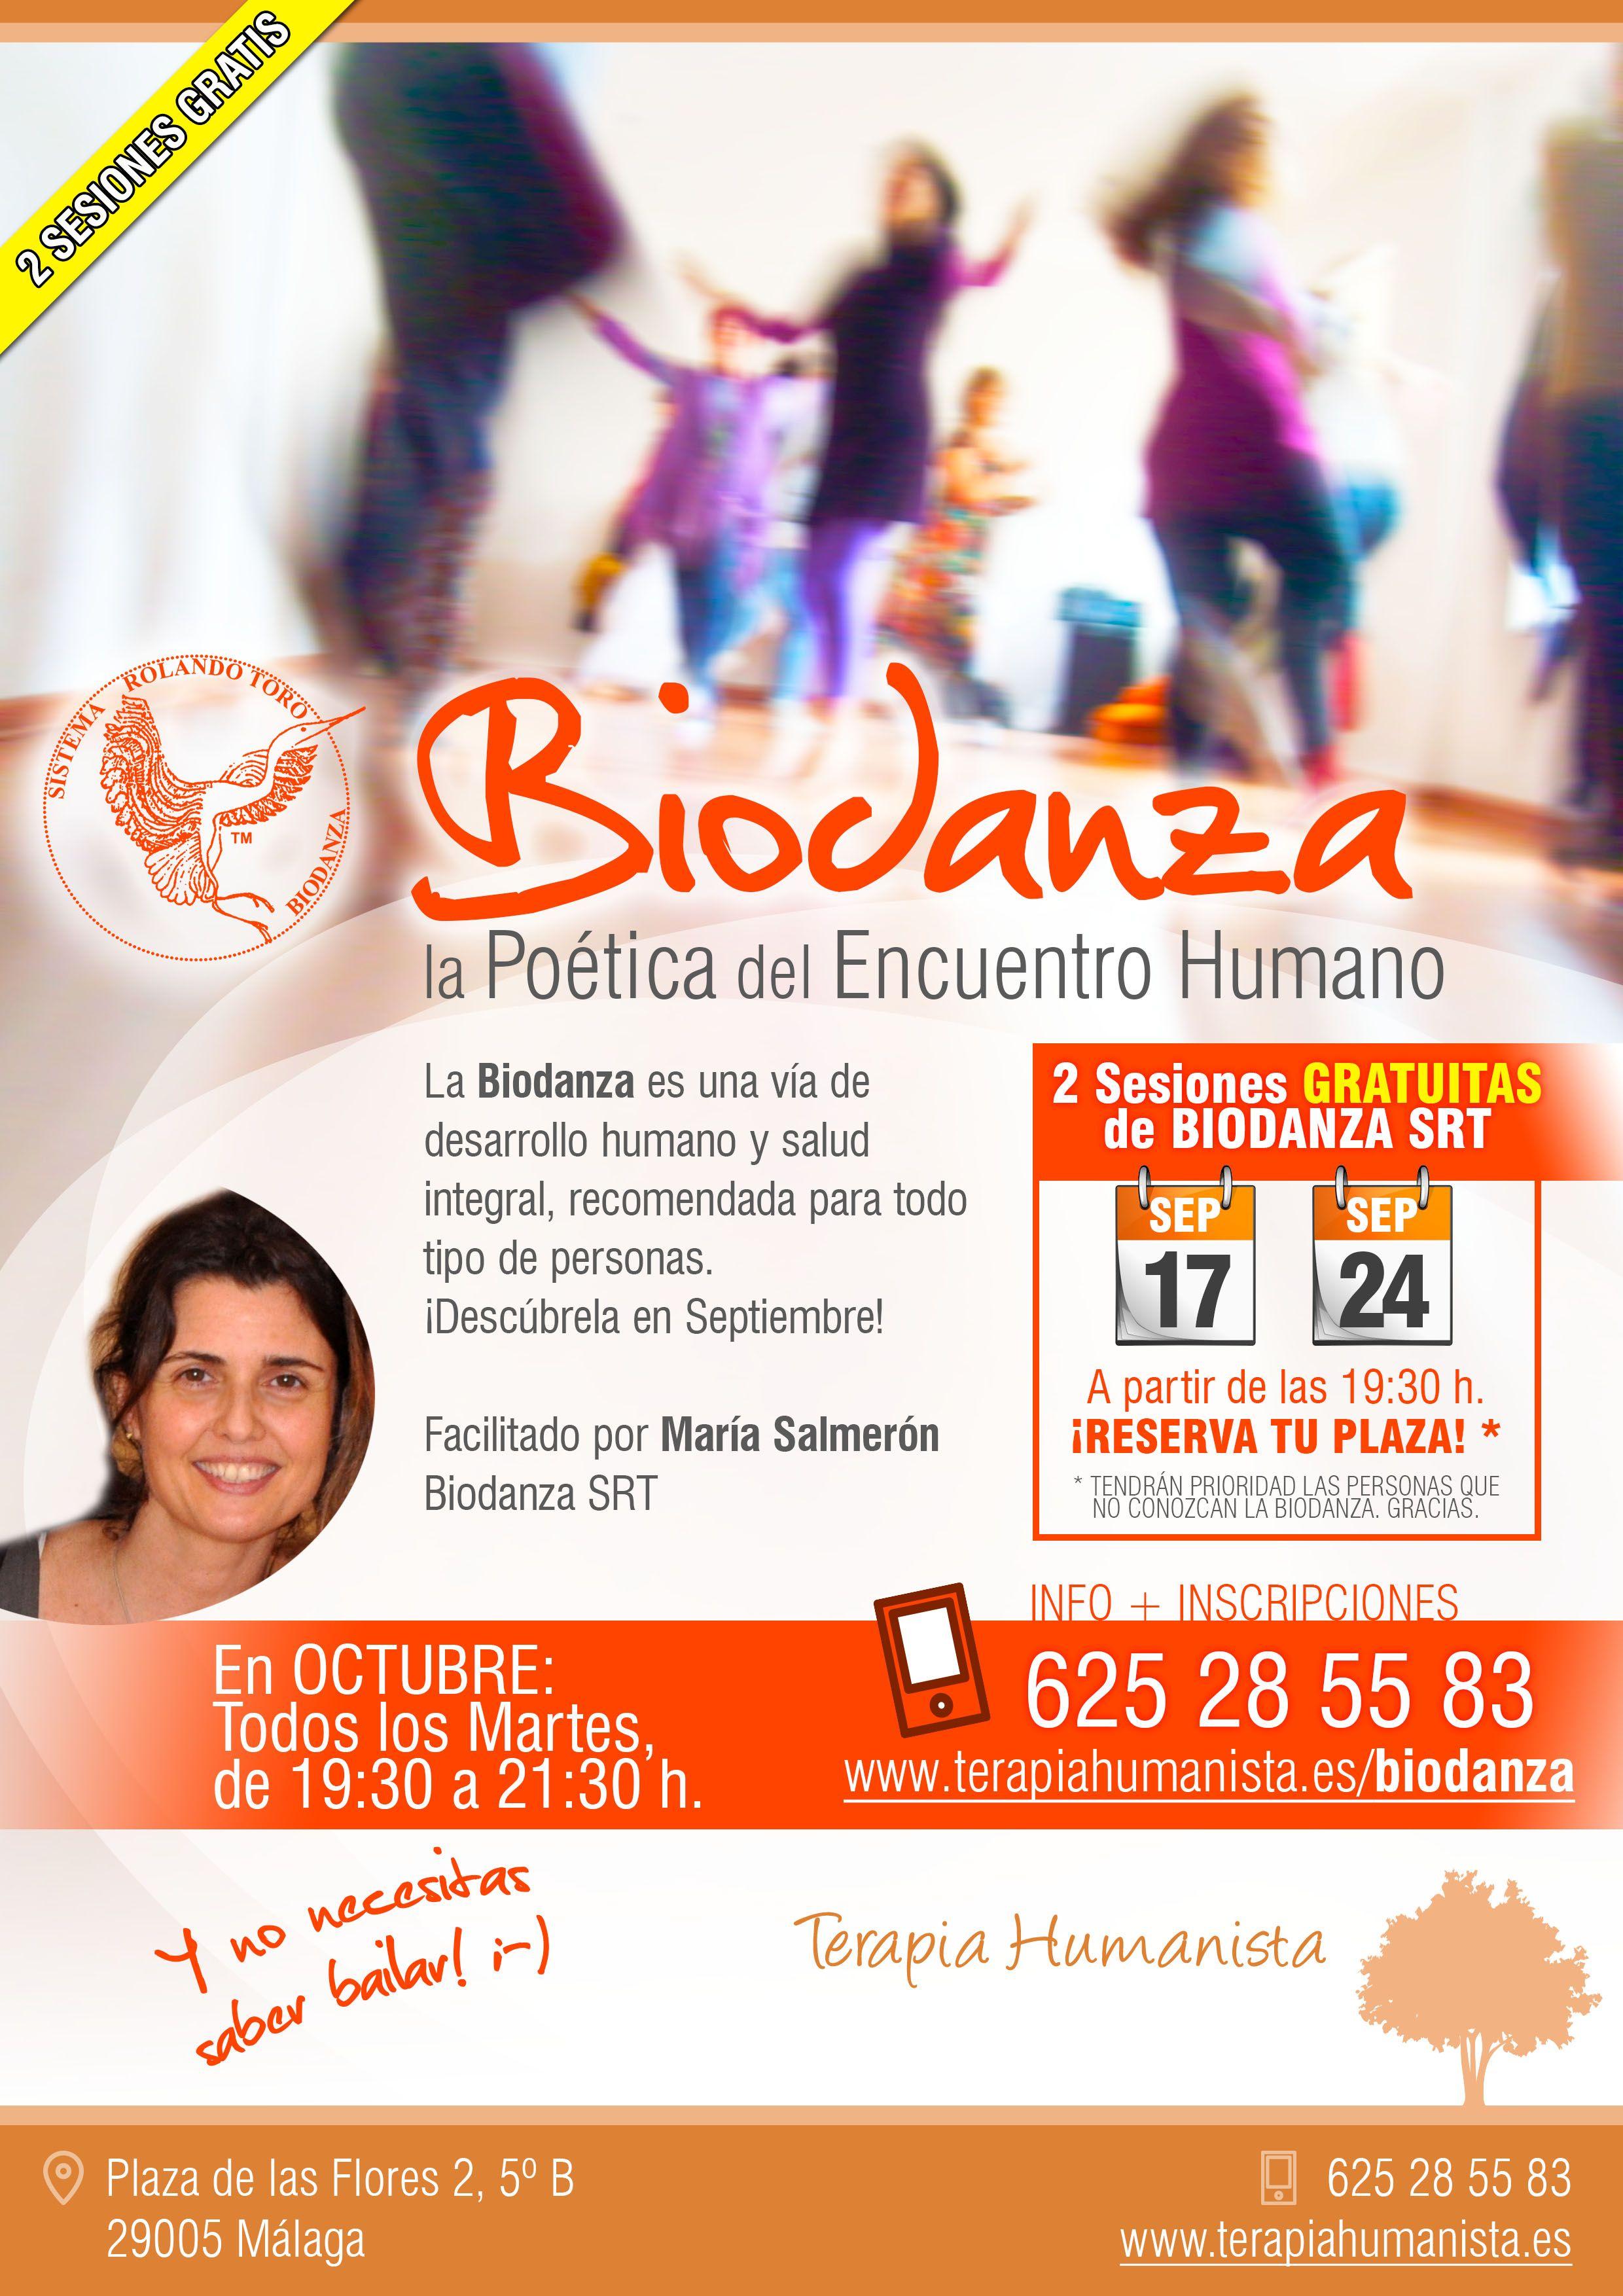 Terapia Humanista Psicologia Gestalt Y Transpersonal En Malaga Psicologia Gestalt Gracias Por Compartir Desarrollo Humano